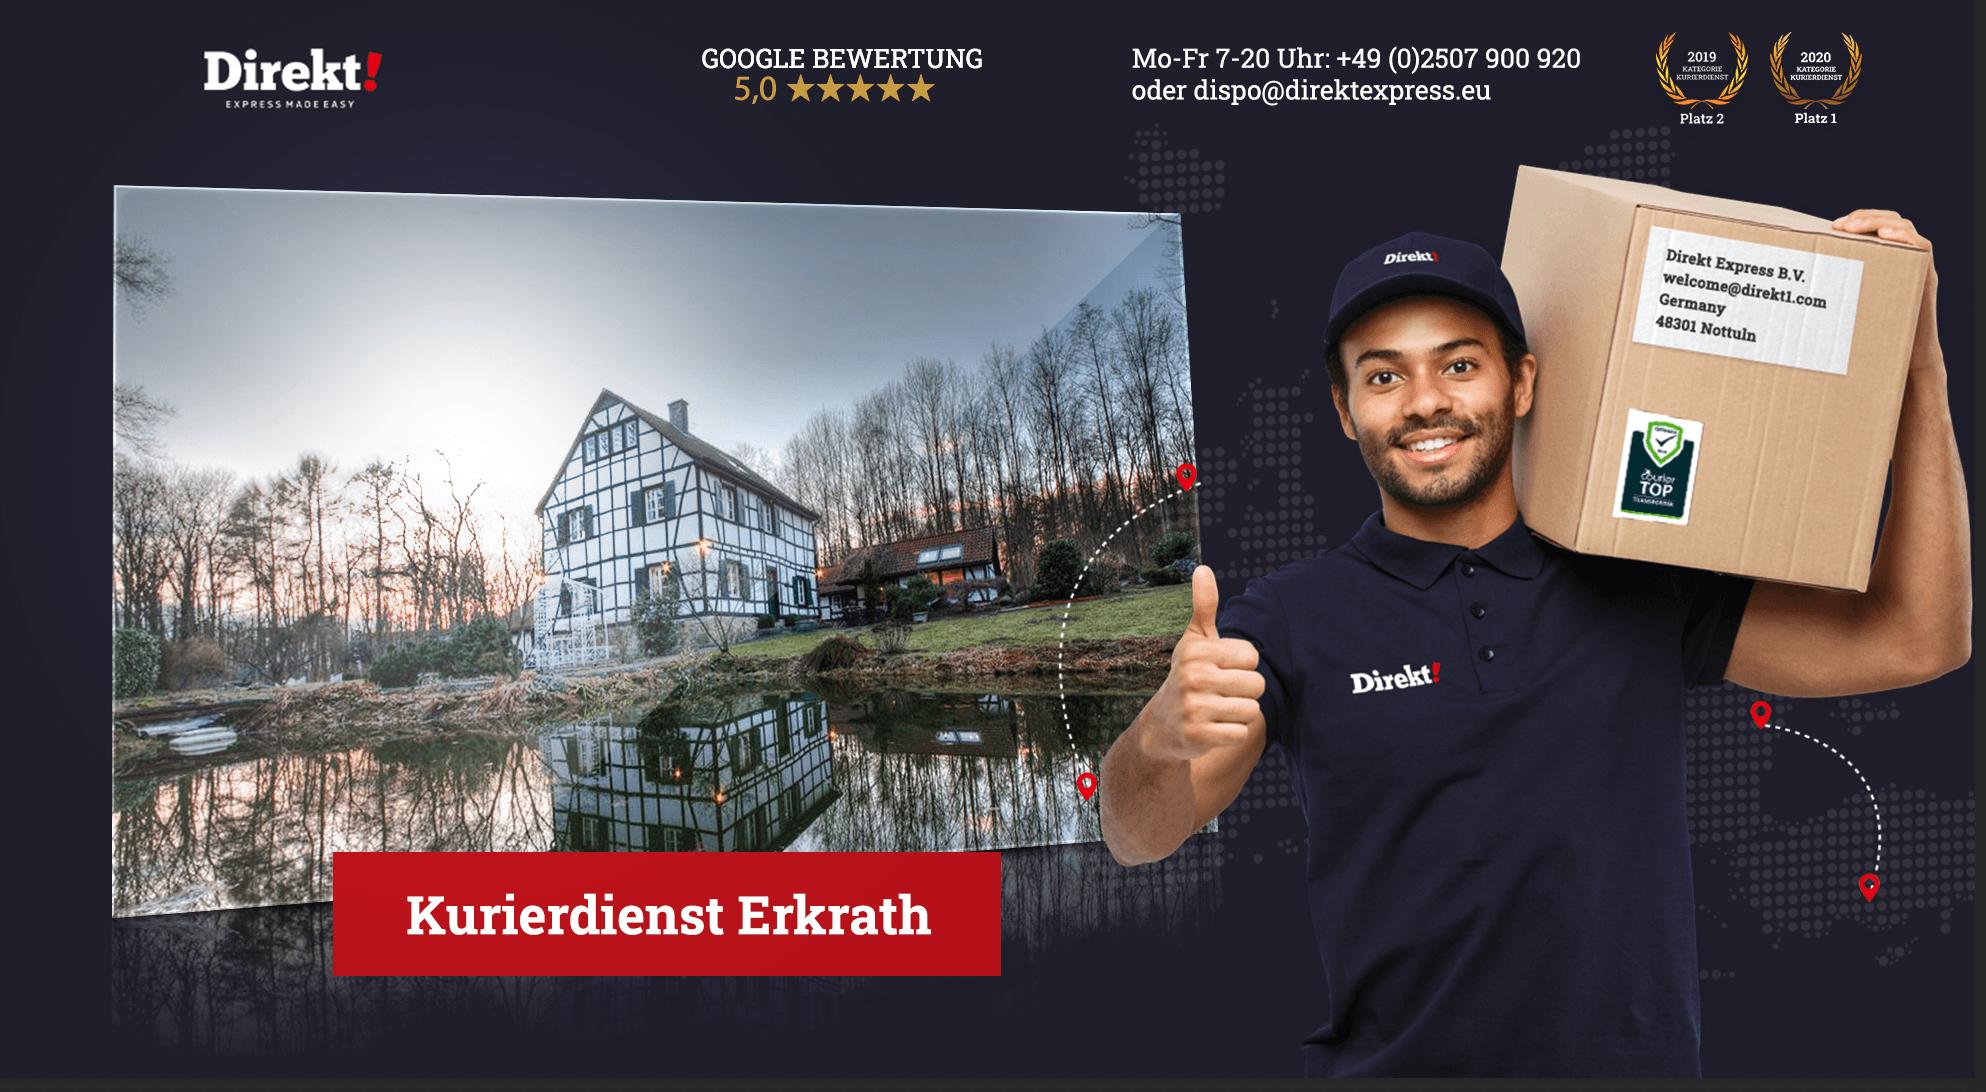 https://direkt1.com/wp-content/uploads/2021/04/Kurierdienst-erkrath-direkt-express.png